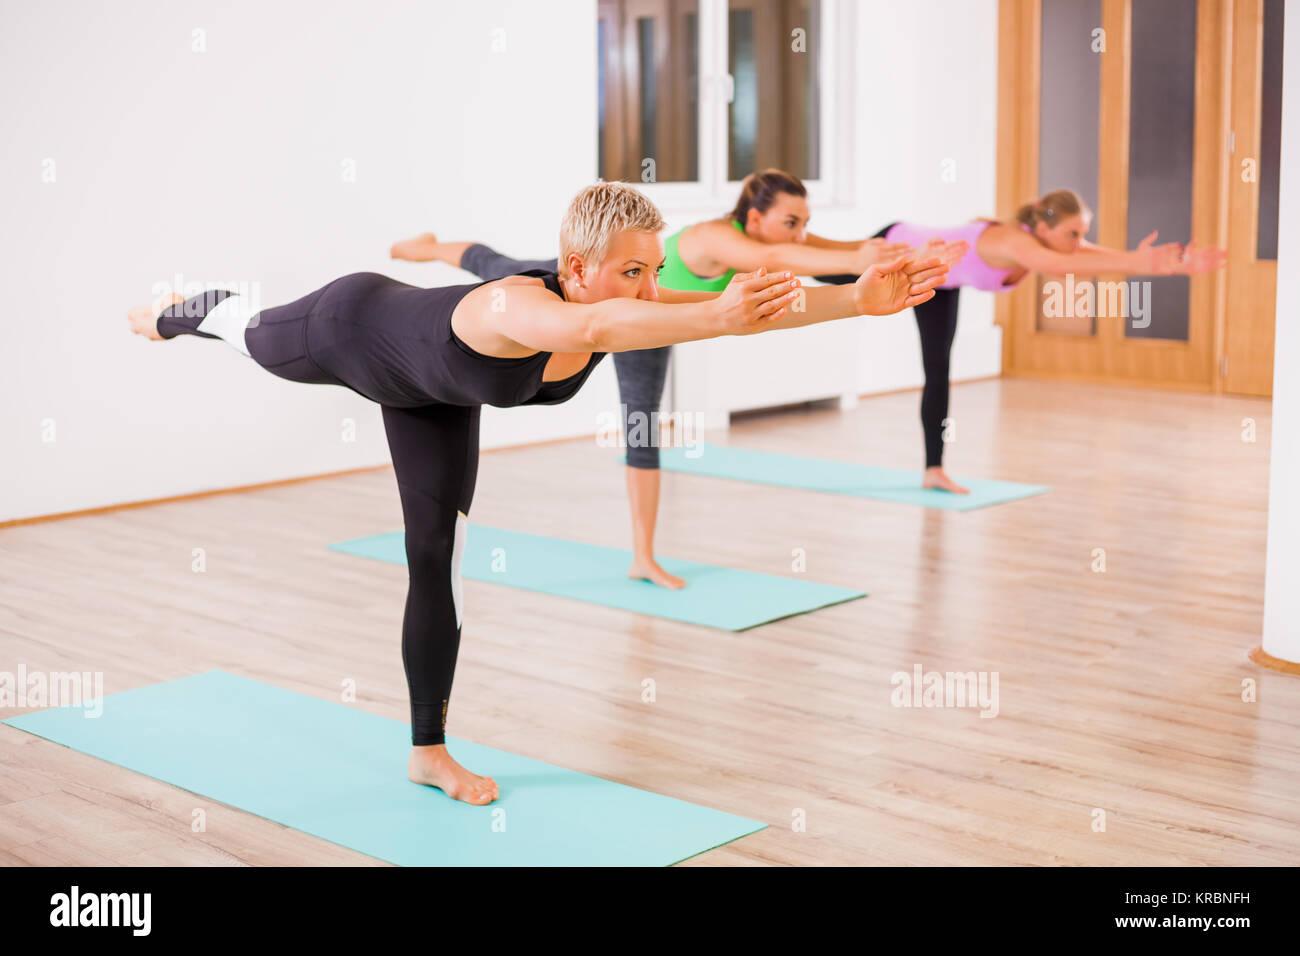 Three girls practicing yoga, Virabhadrasana / Warrior 3 Pose - Stock Image